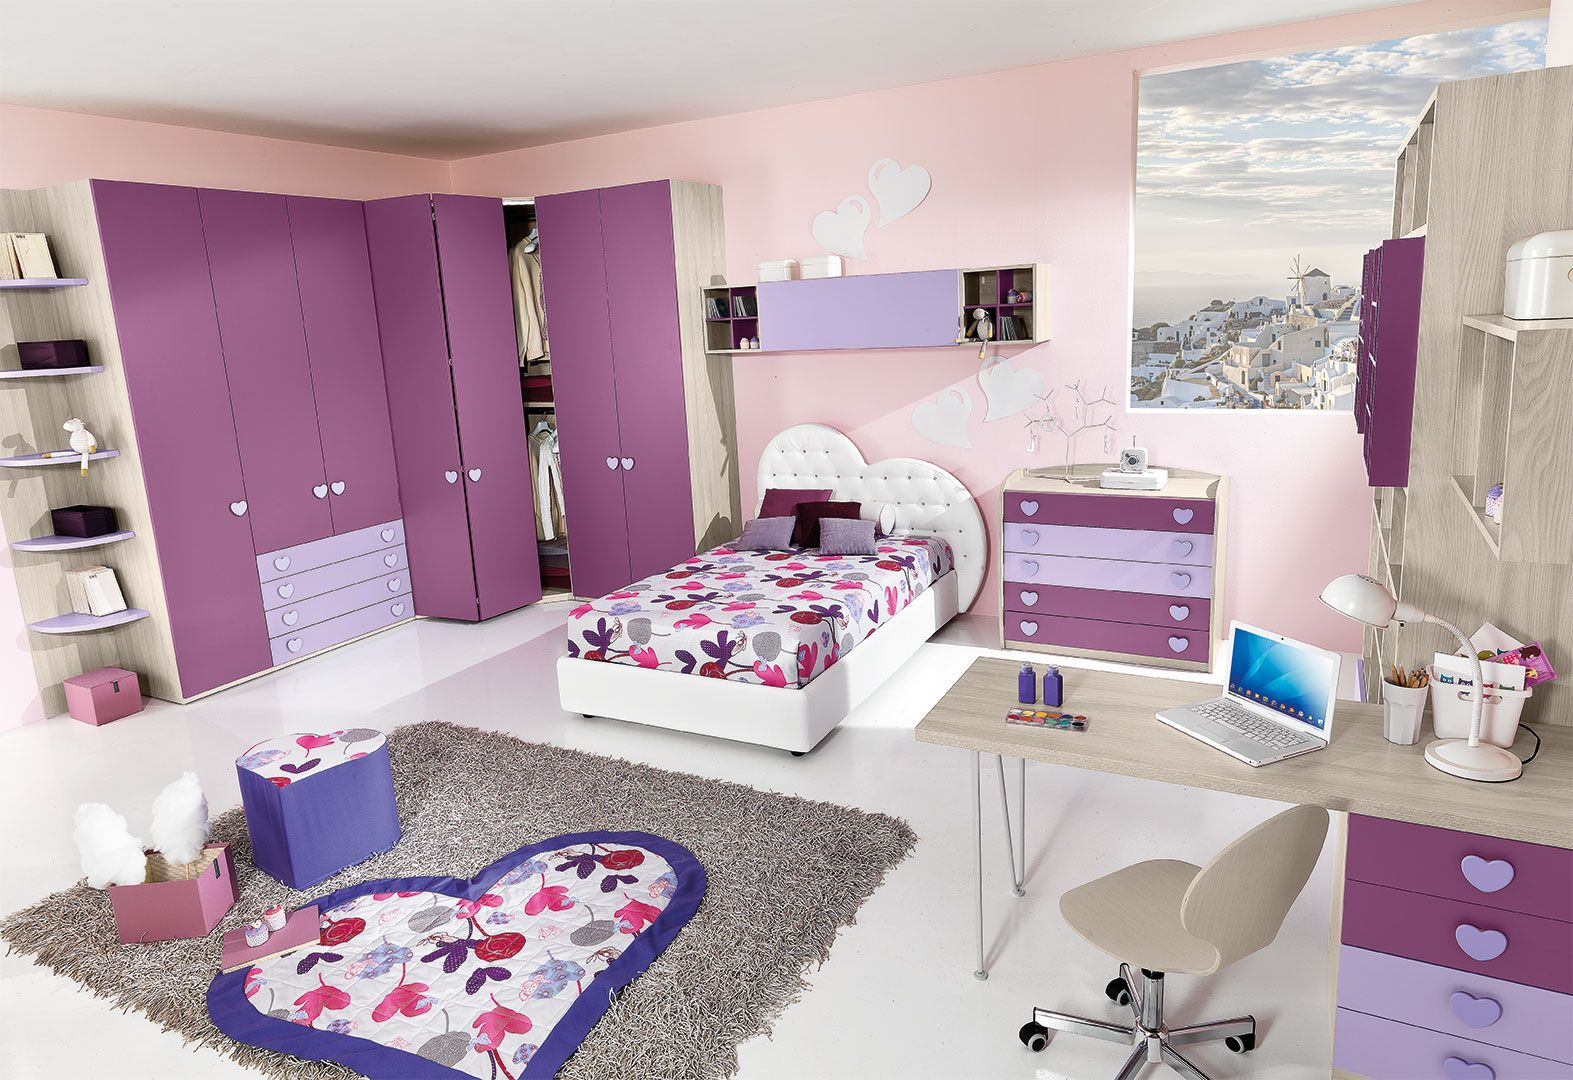 Camere Per Ragazze : Cameretta bambina cm giessegi camere per ragazze u design per la